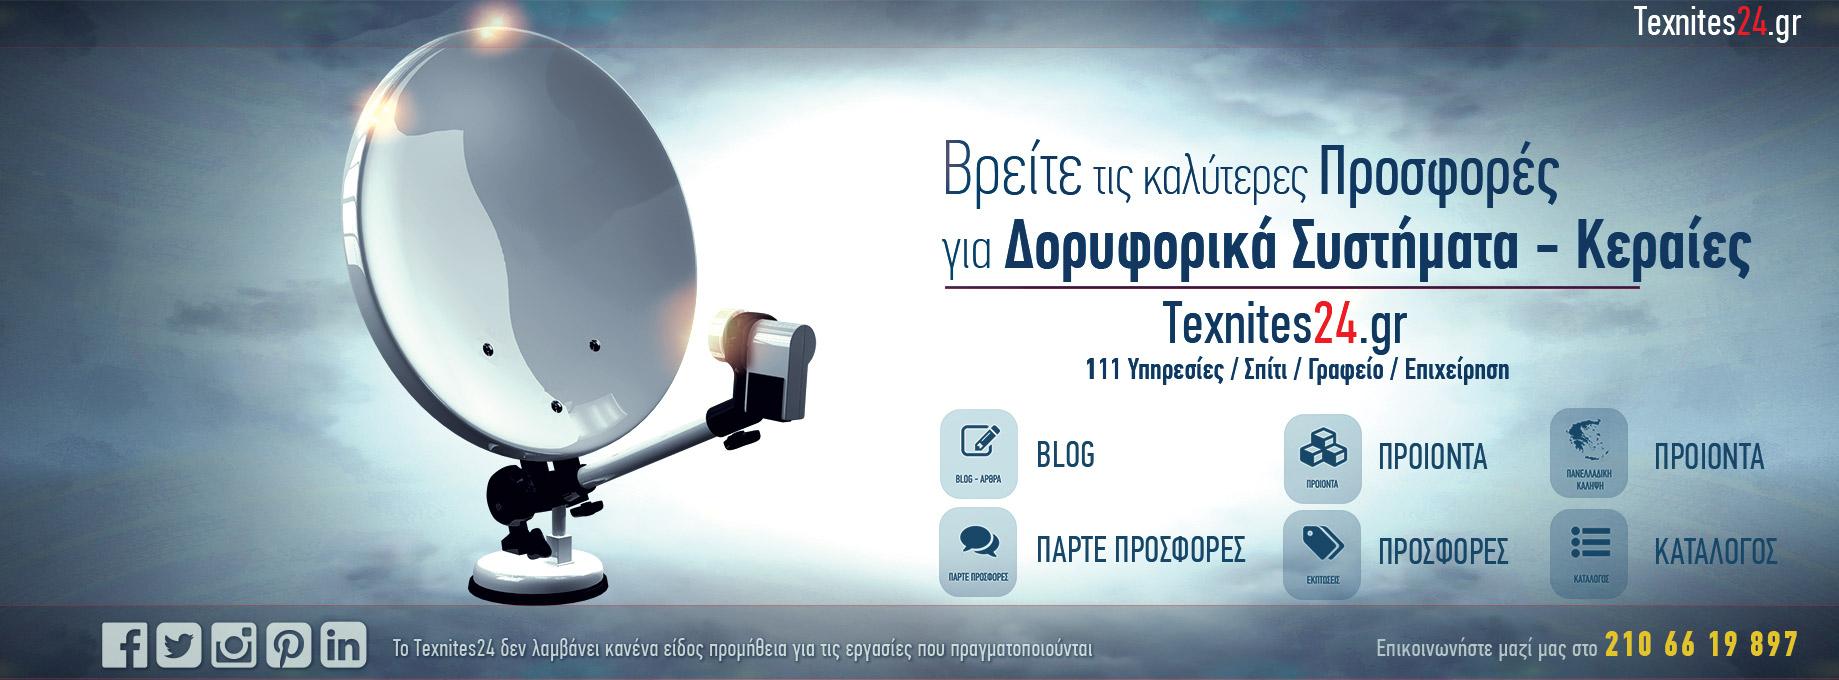 Δορυφορικά Συστήματα texnites24